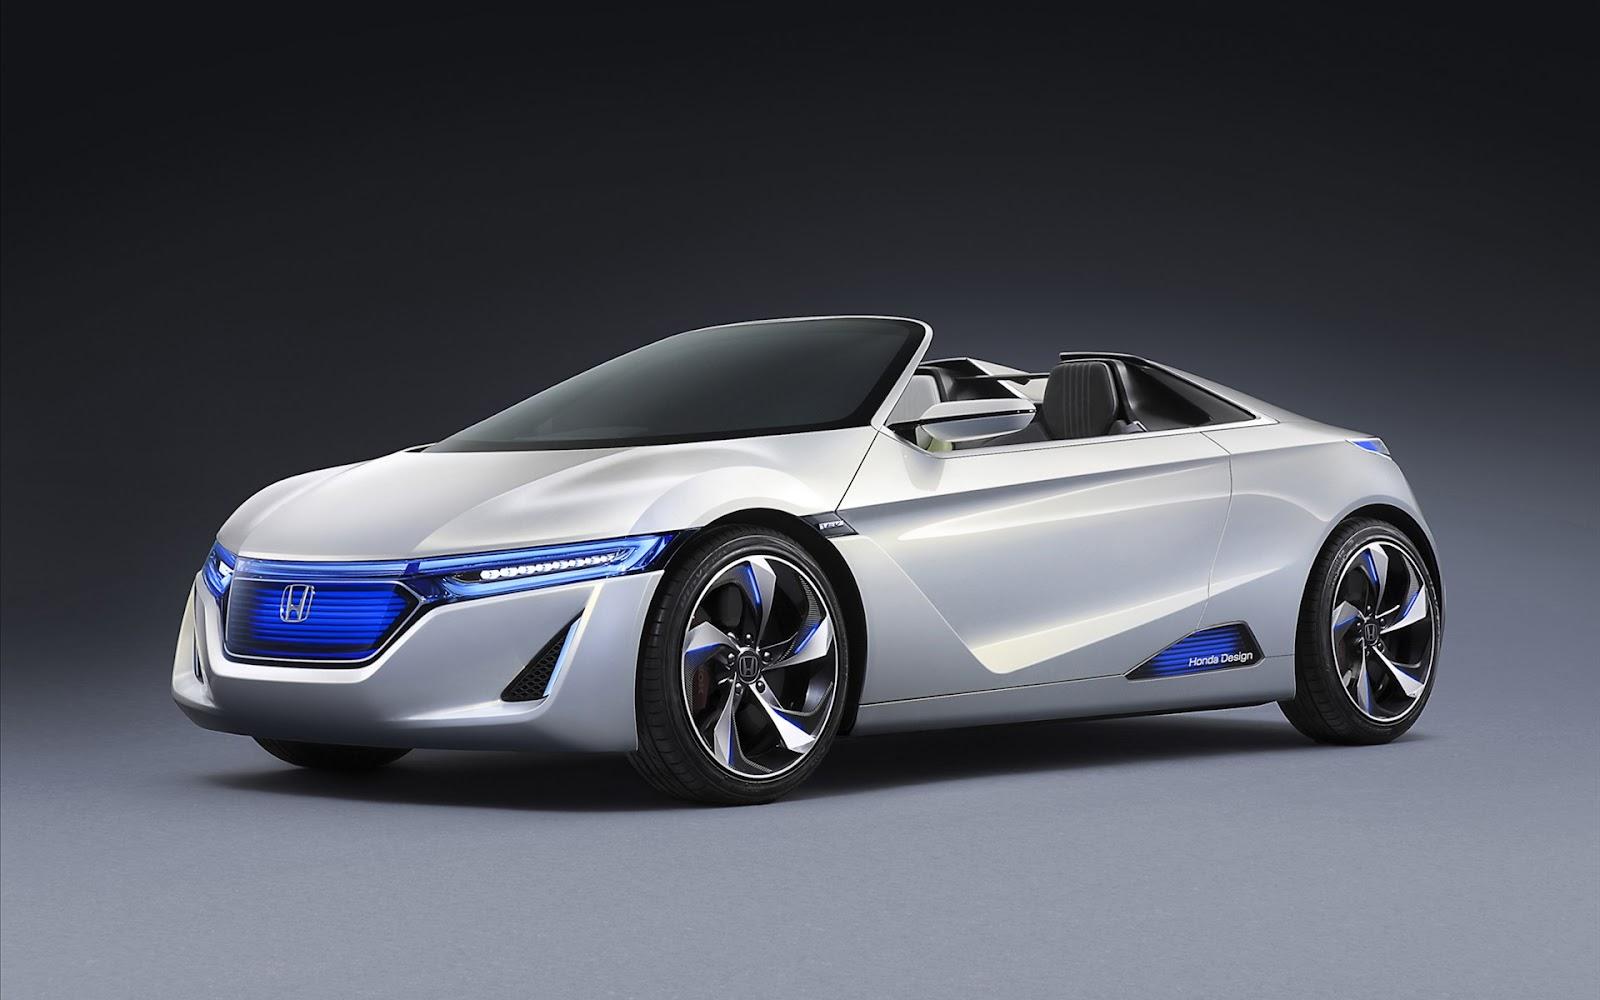 Hd new wallpaper honda concept car